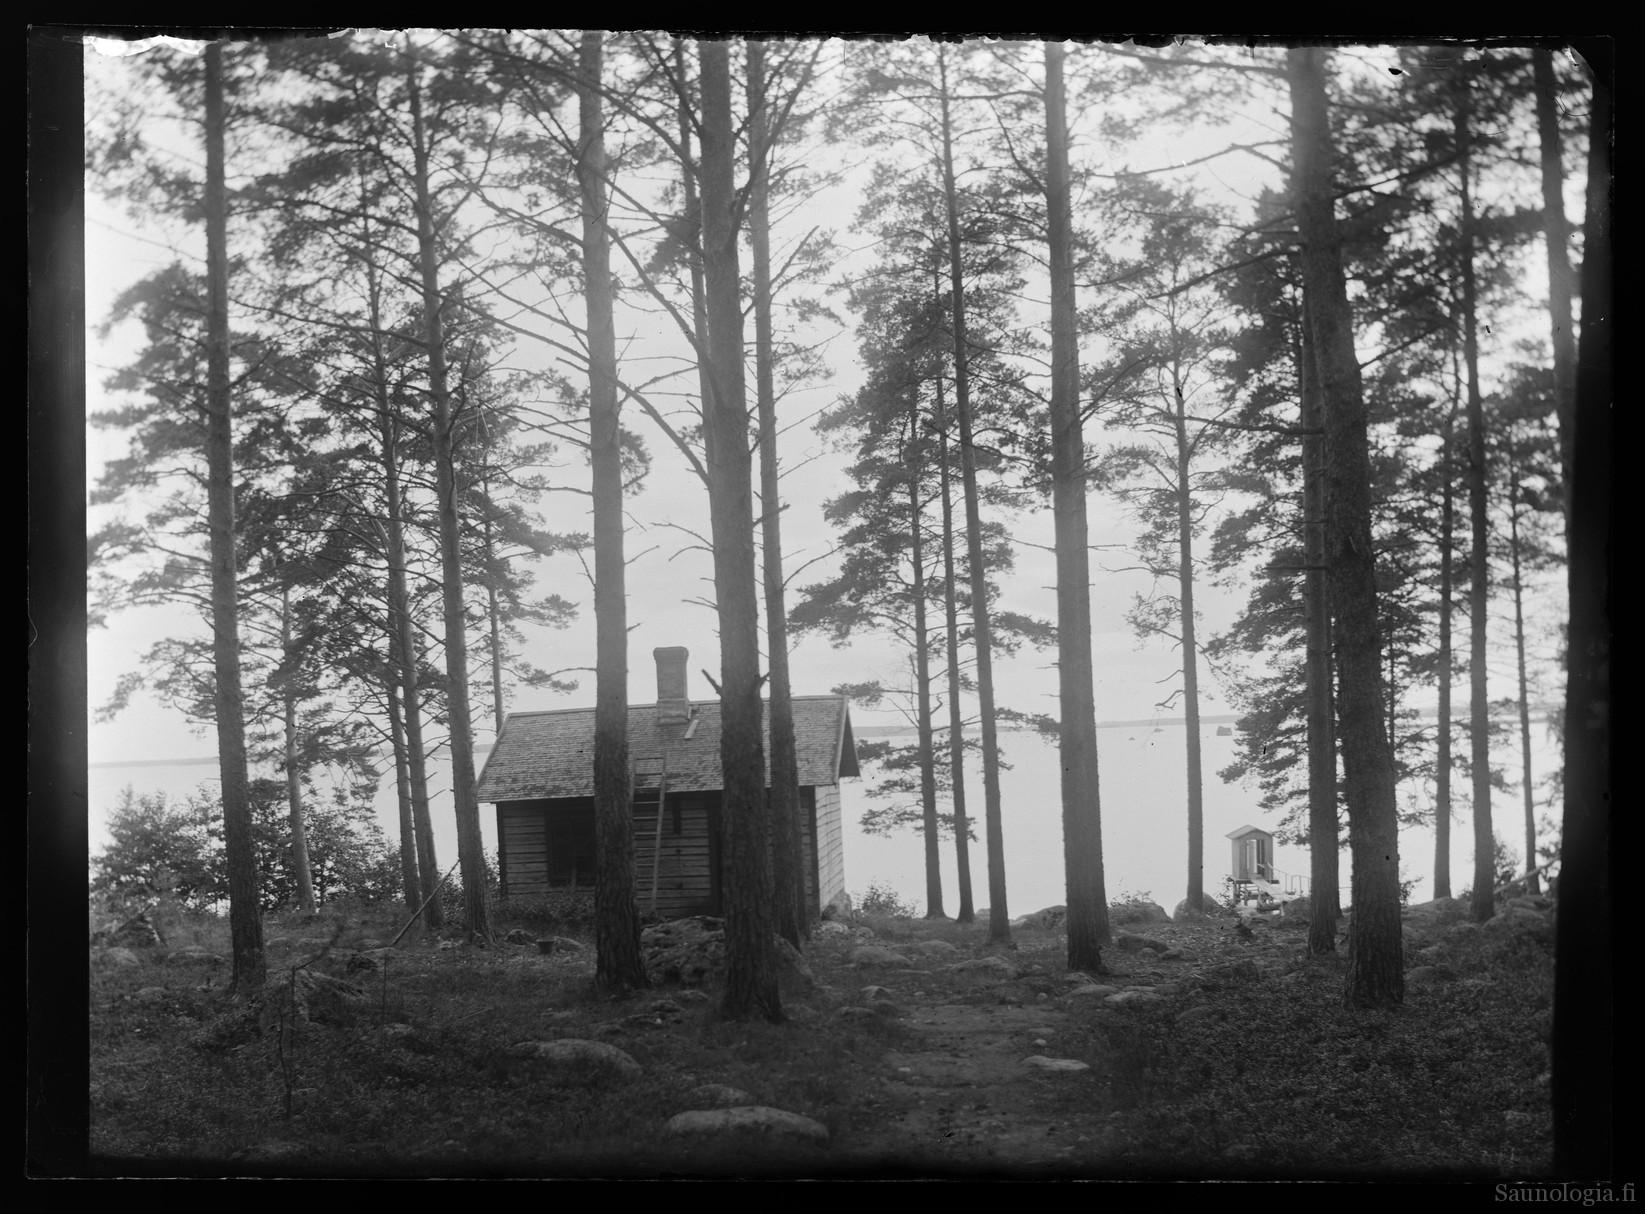 Hugo Simbergin valokuva rantasaunasta vuodelta 1896. Kuva: Kansallisgalleria. Käytetty CC v.4 BY lisenssin mukaisesti.